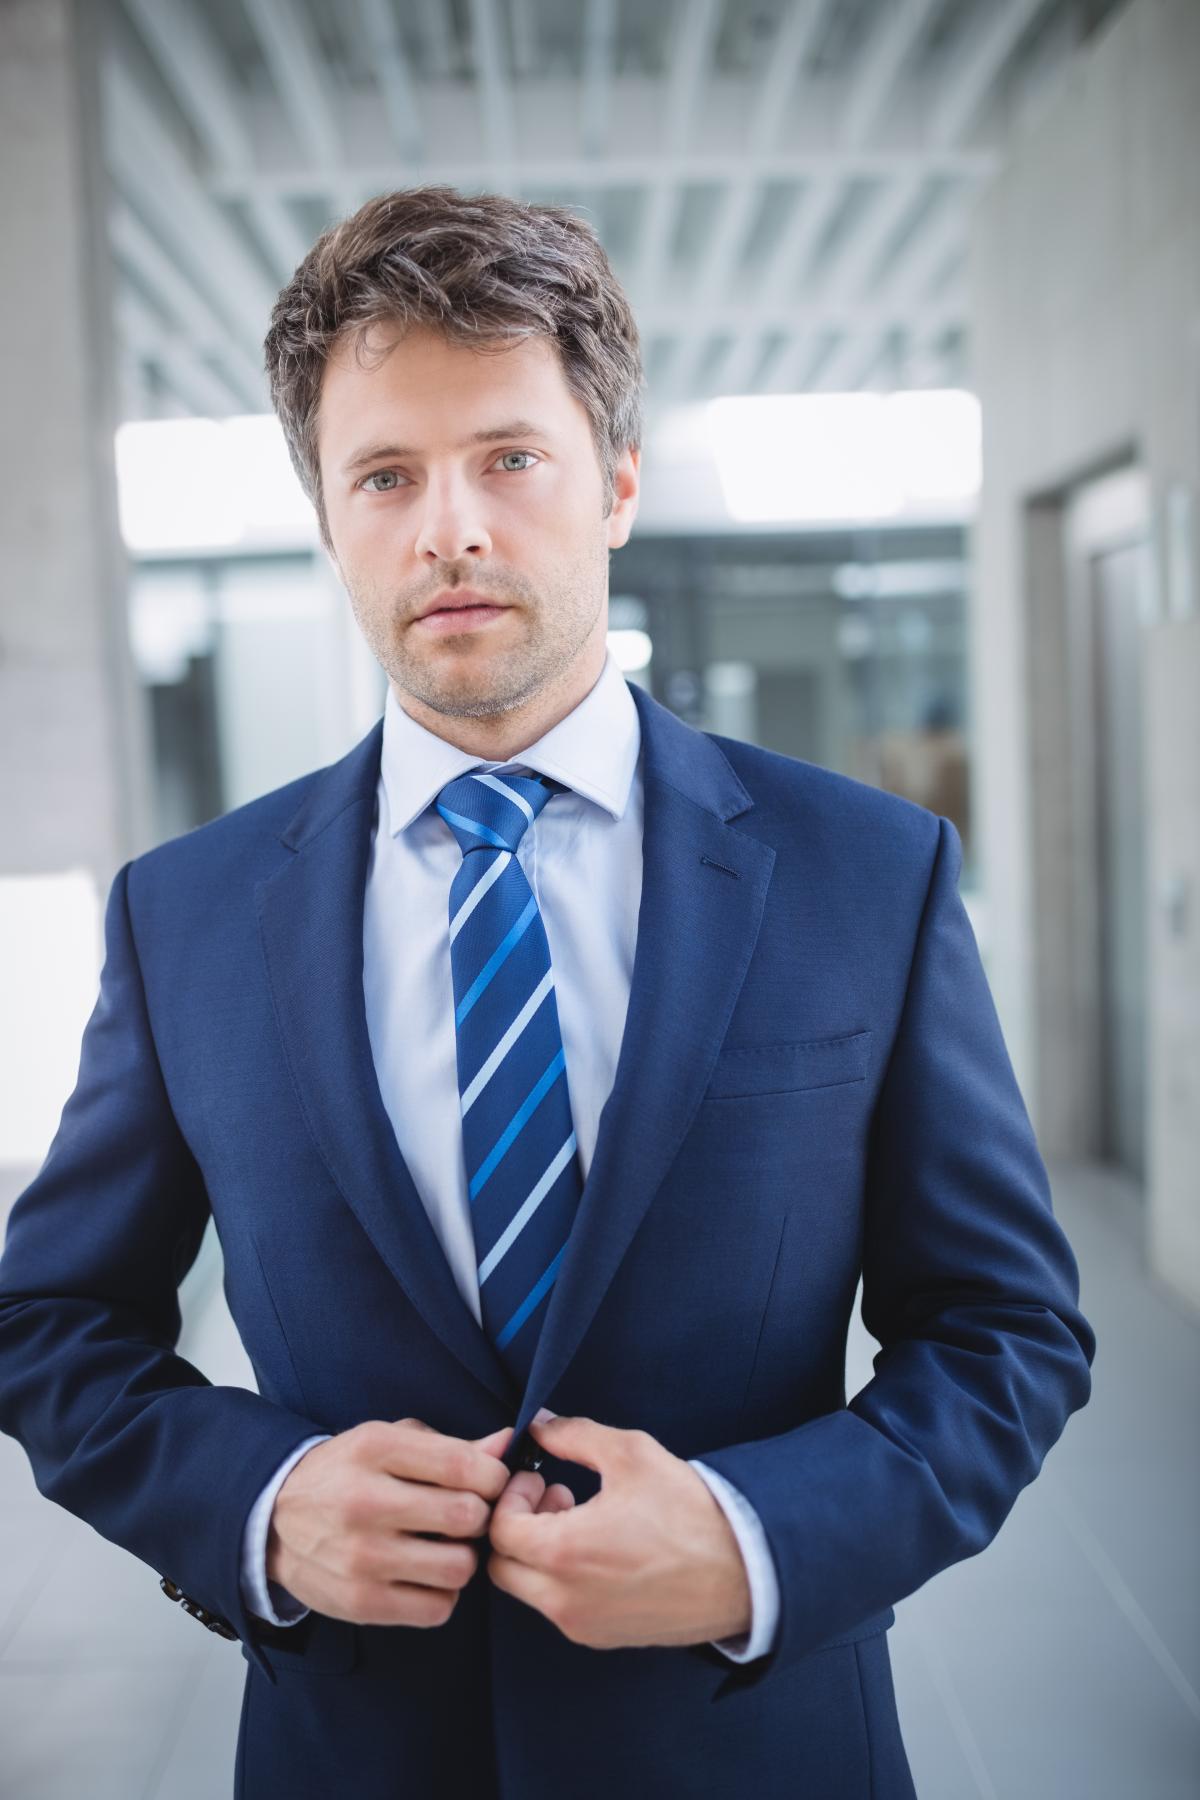 Portrait of a confident businessman #417305